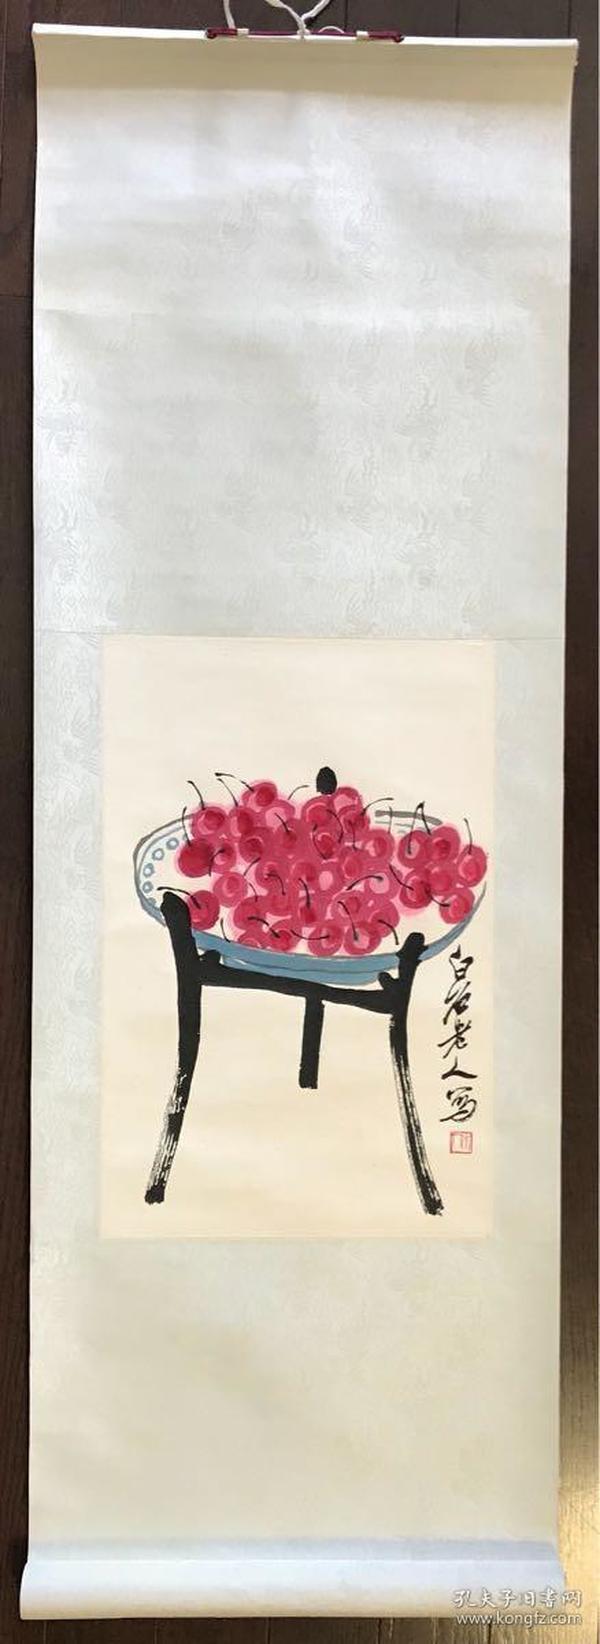 荣宝斋早期木版水印 齐白石樱桃